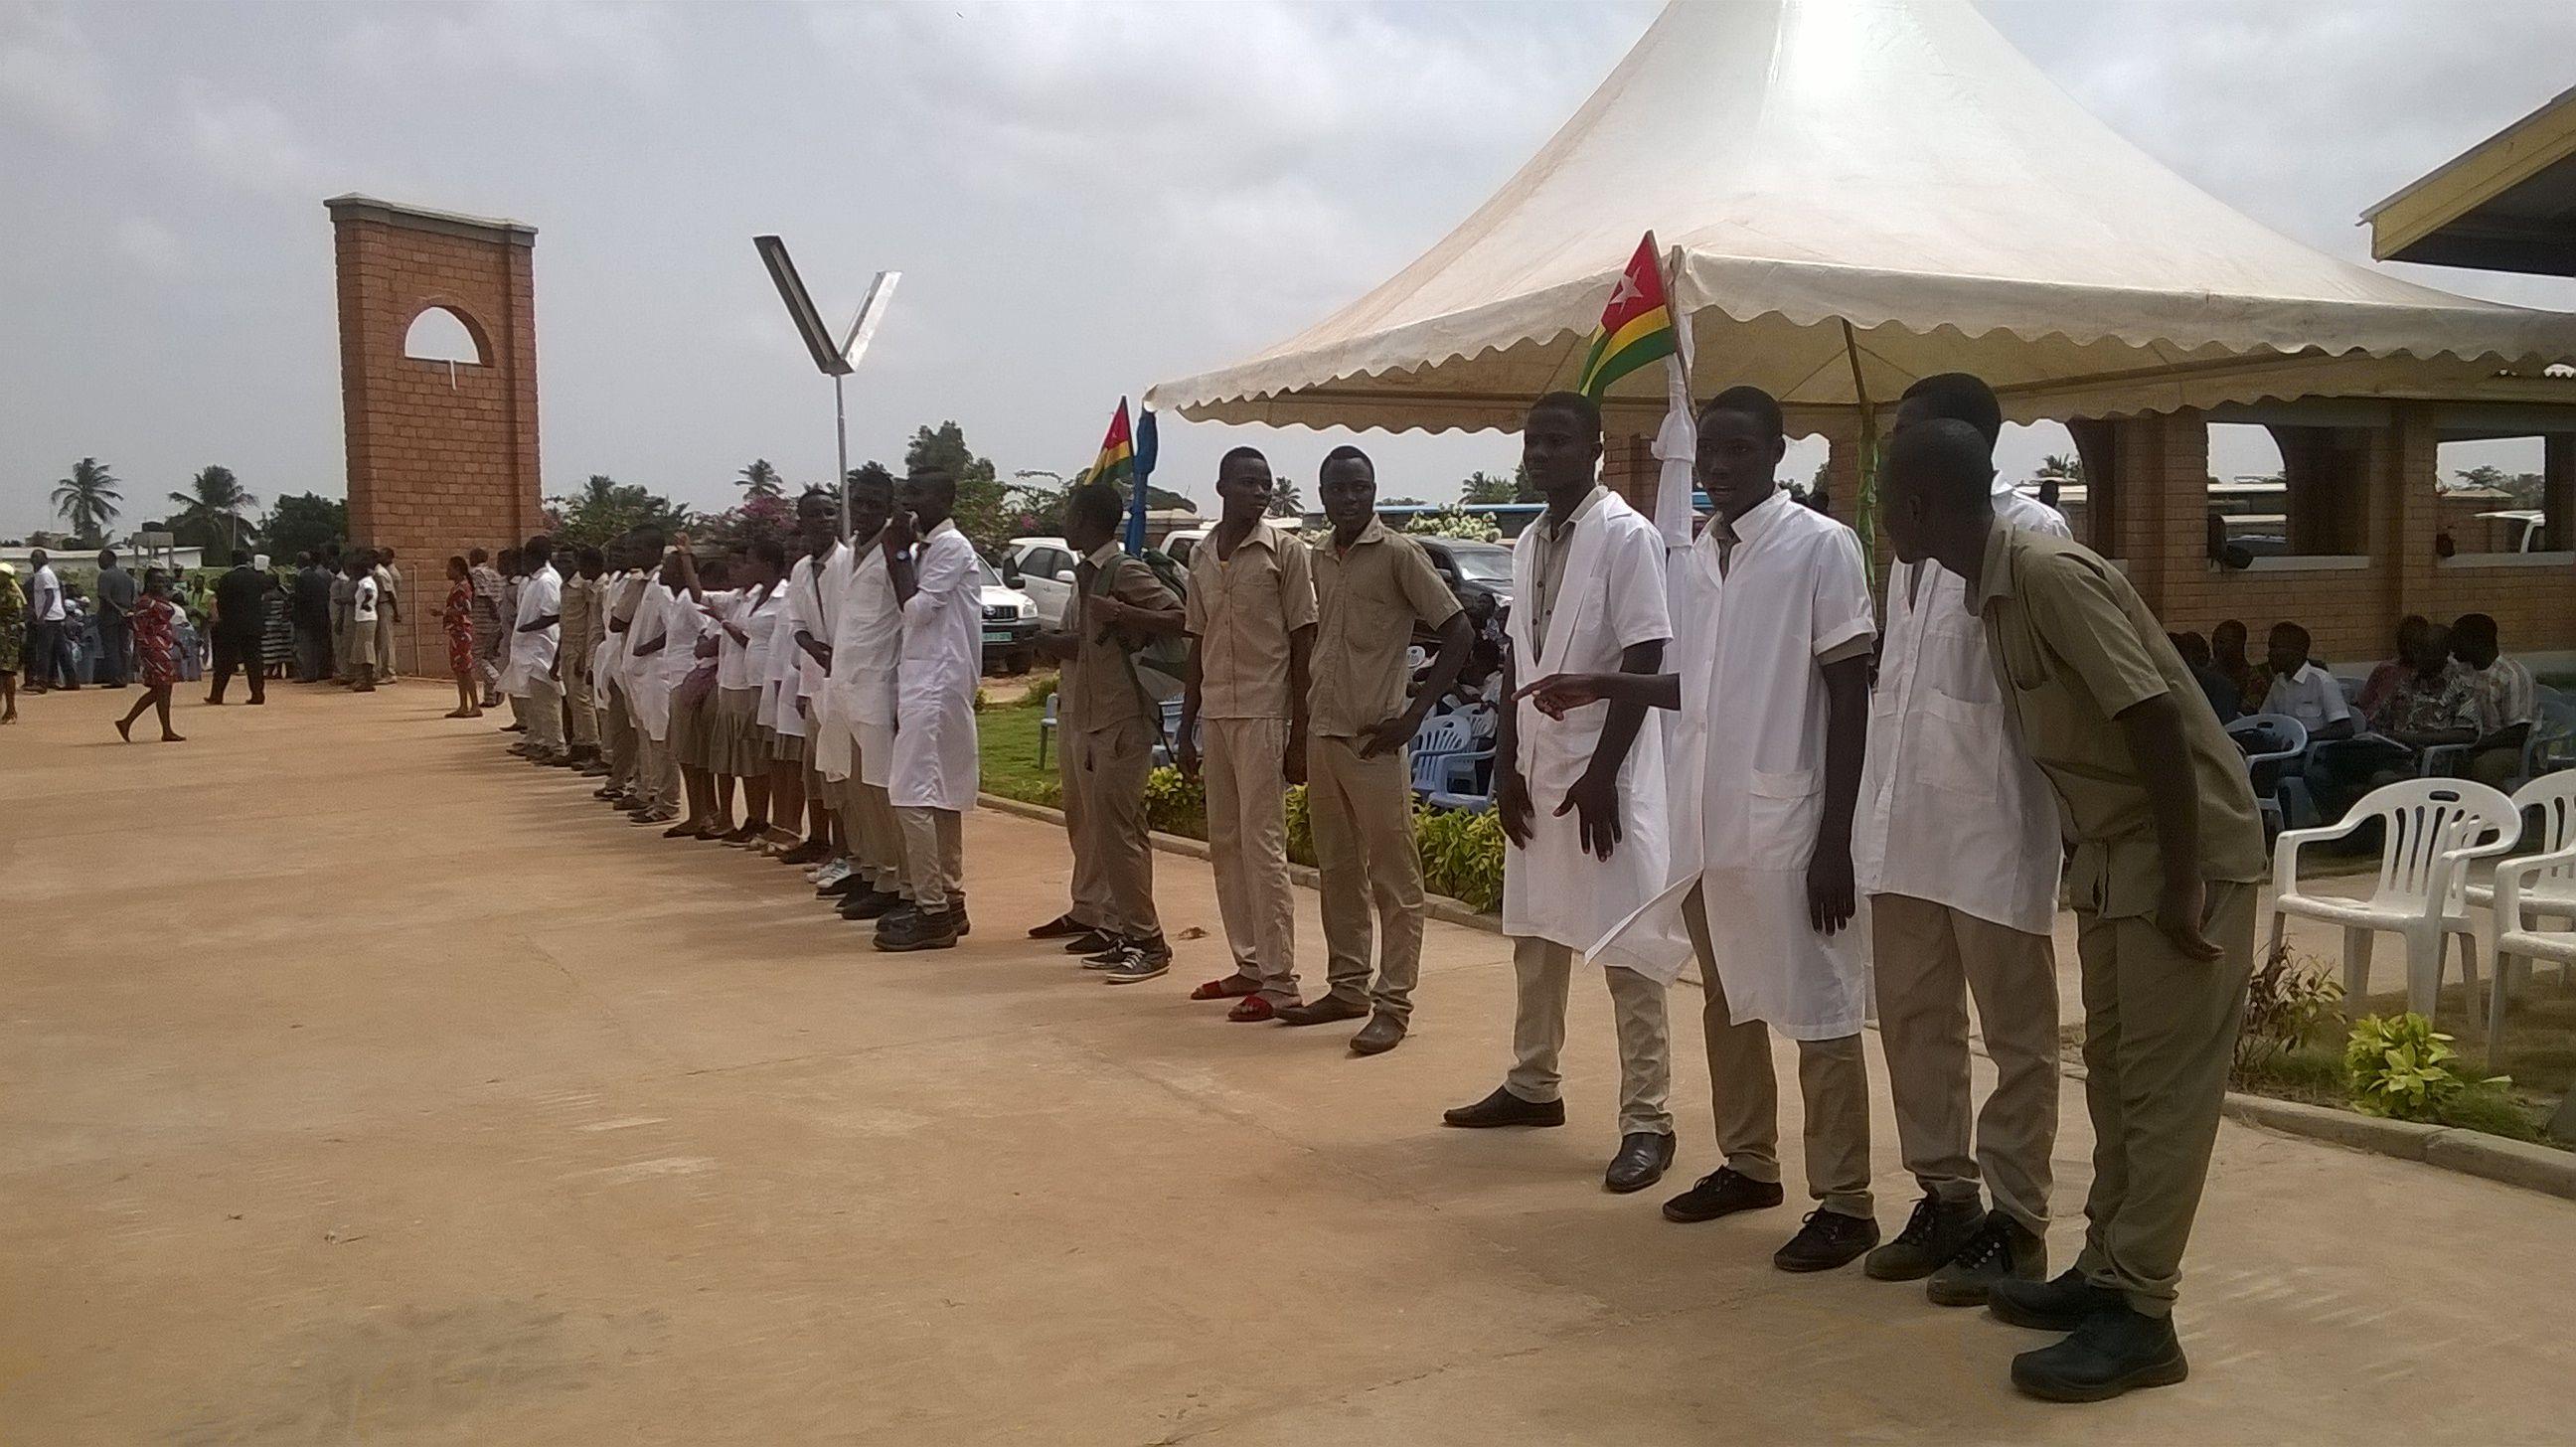 Les élèves du Lycée d'Enseignement Technique et Professionnel d'#AnehoGlidji #EcoleNUmériqueTG